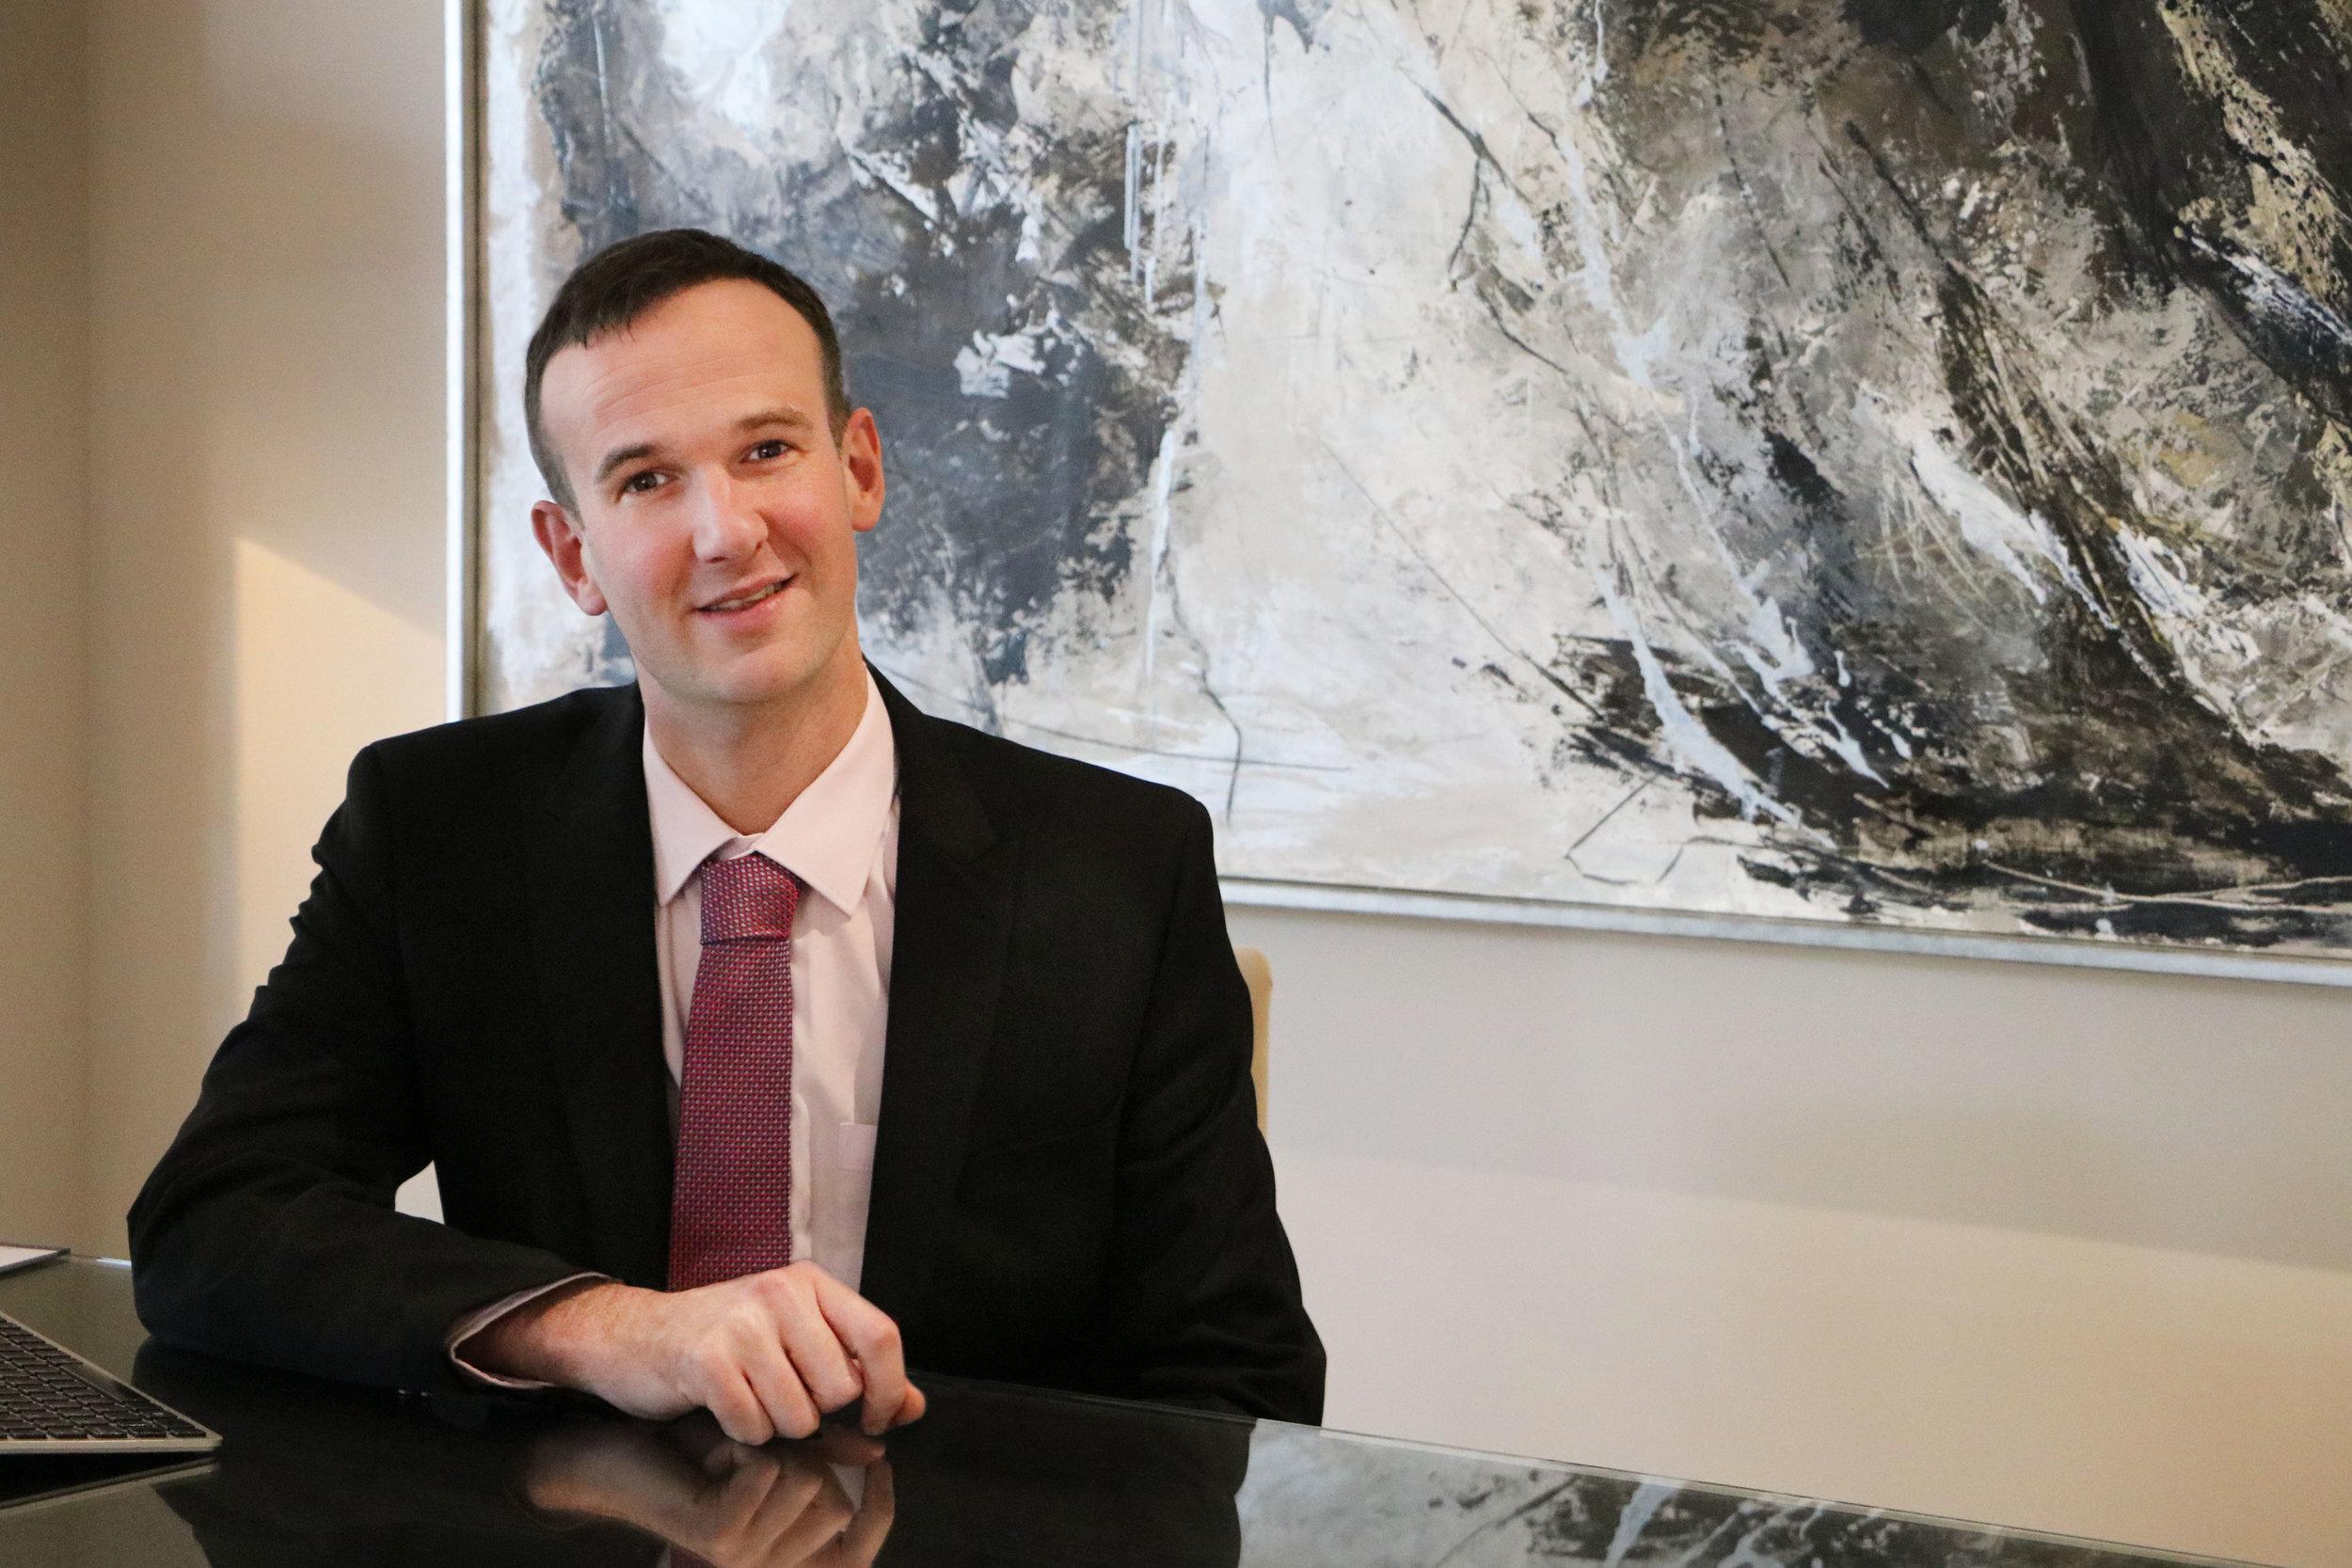 Alistair-Graham-Revenue-Manager-at-Park-Regis-Birmingham.jpg